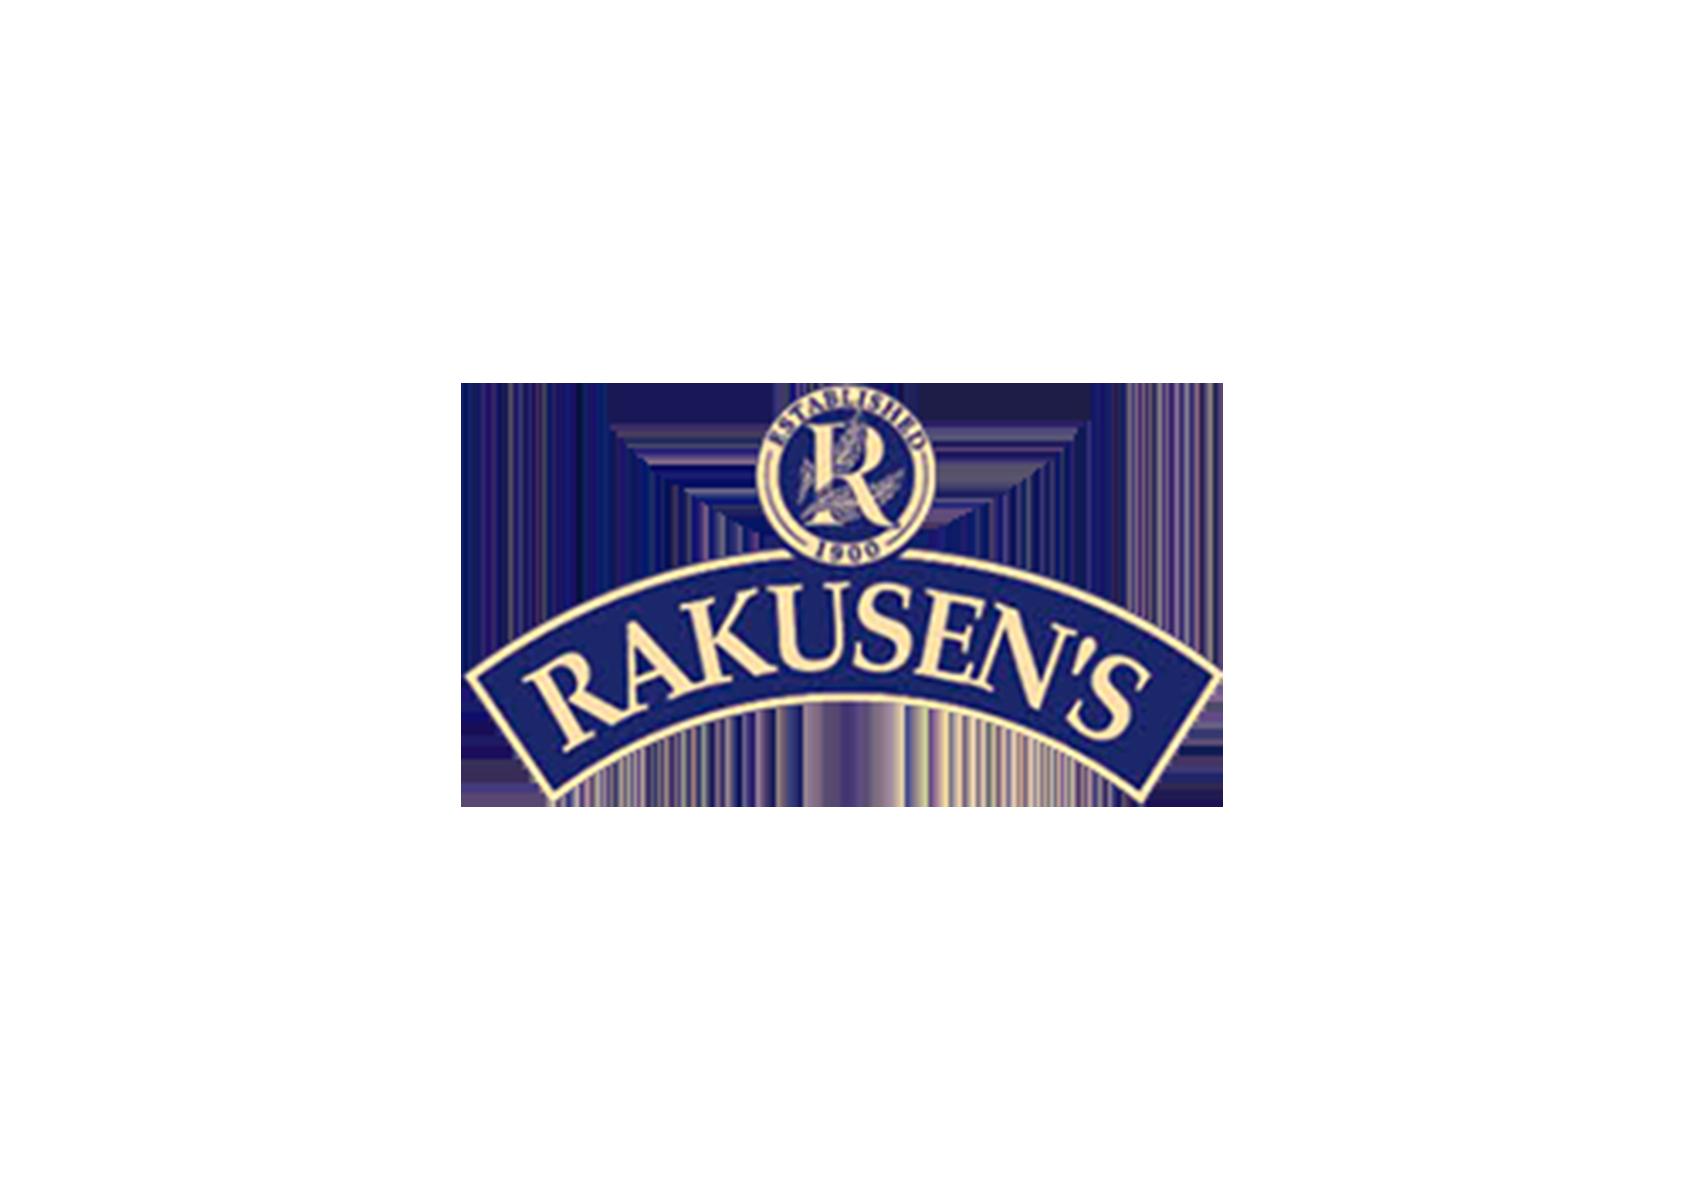 Rakusens logo 1